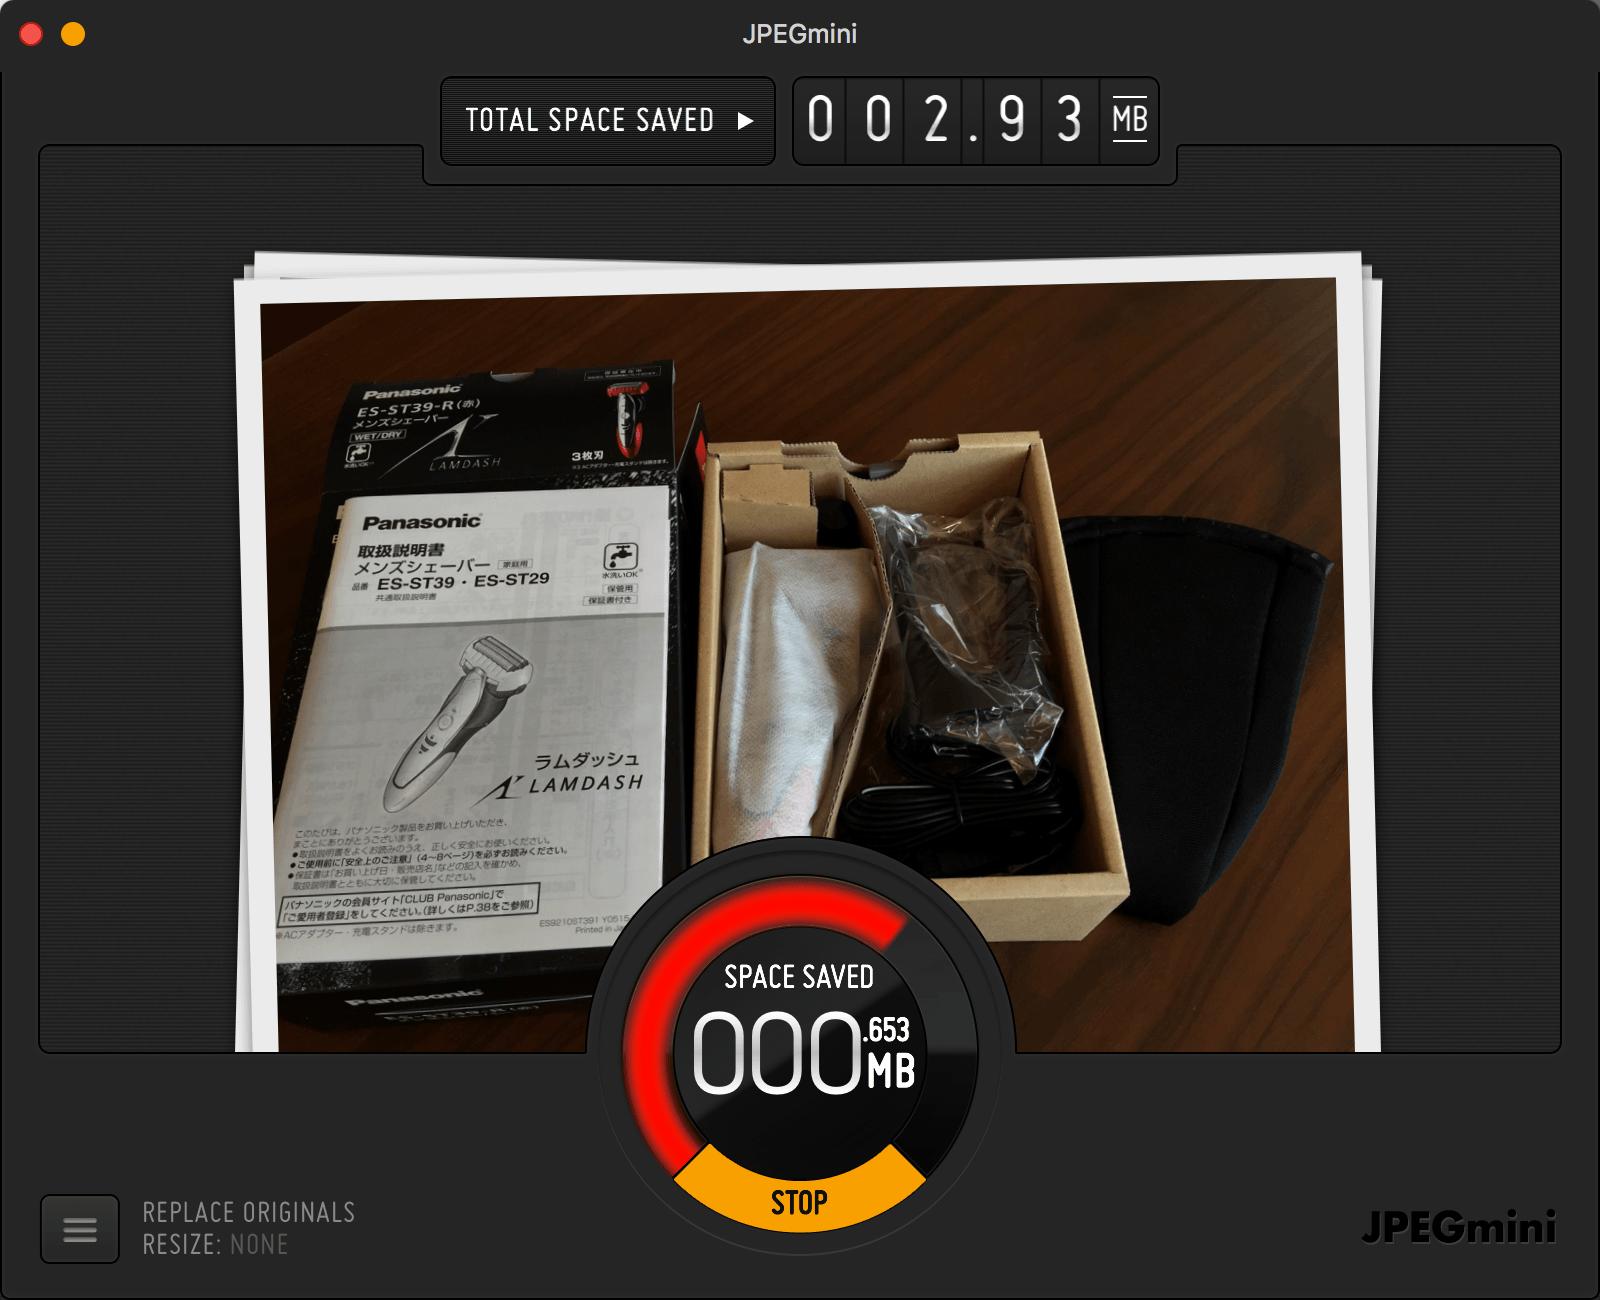 【Mac】「JPEGmini」画像圧縮アプリを導入!ブログのサーバー容量を節約するために、ね。